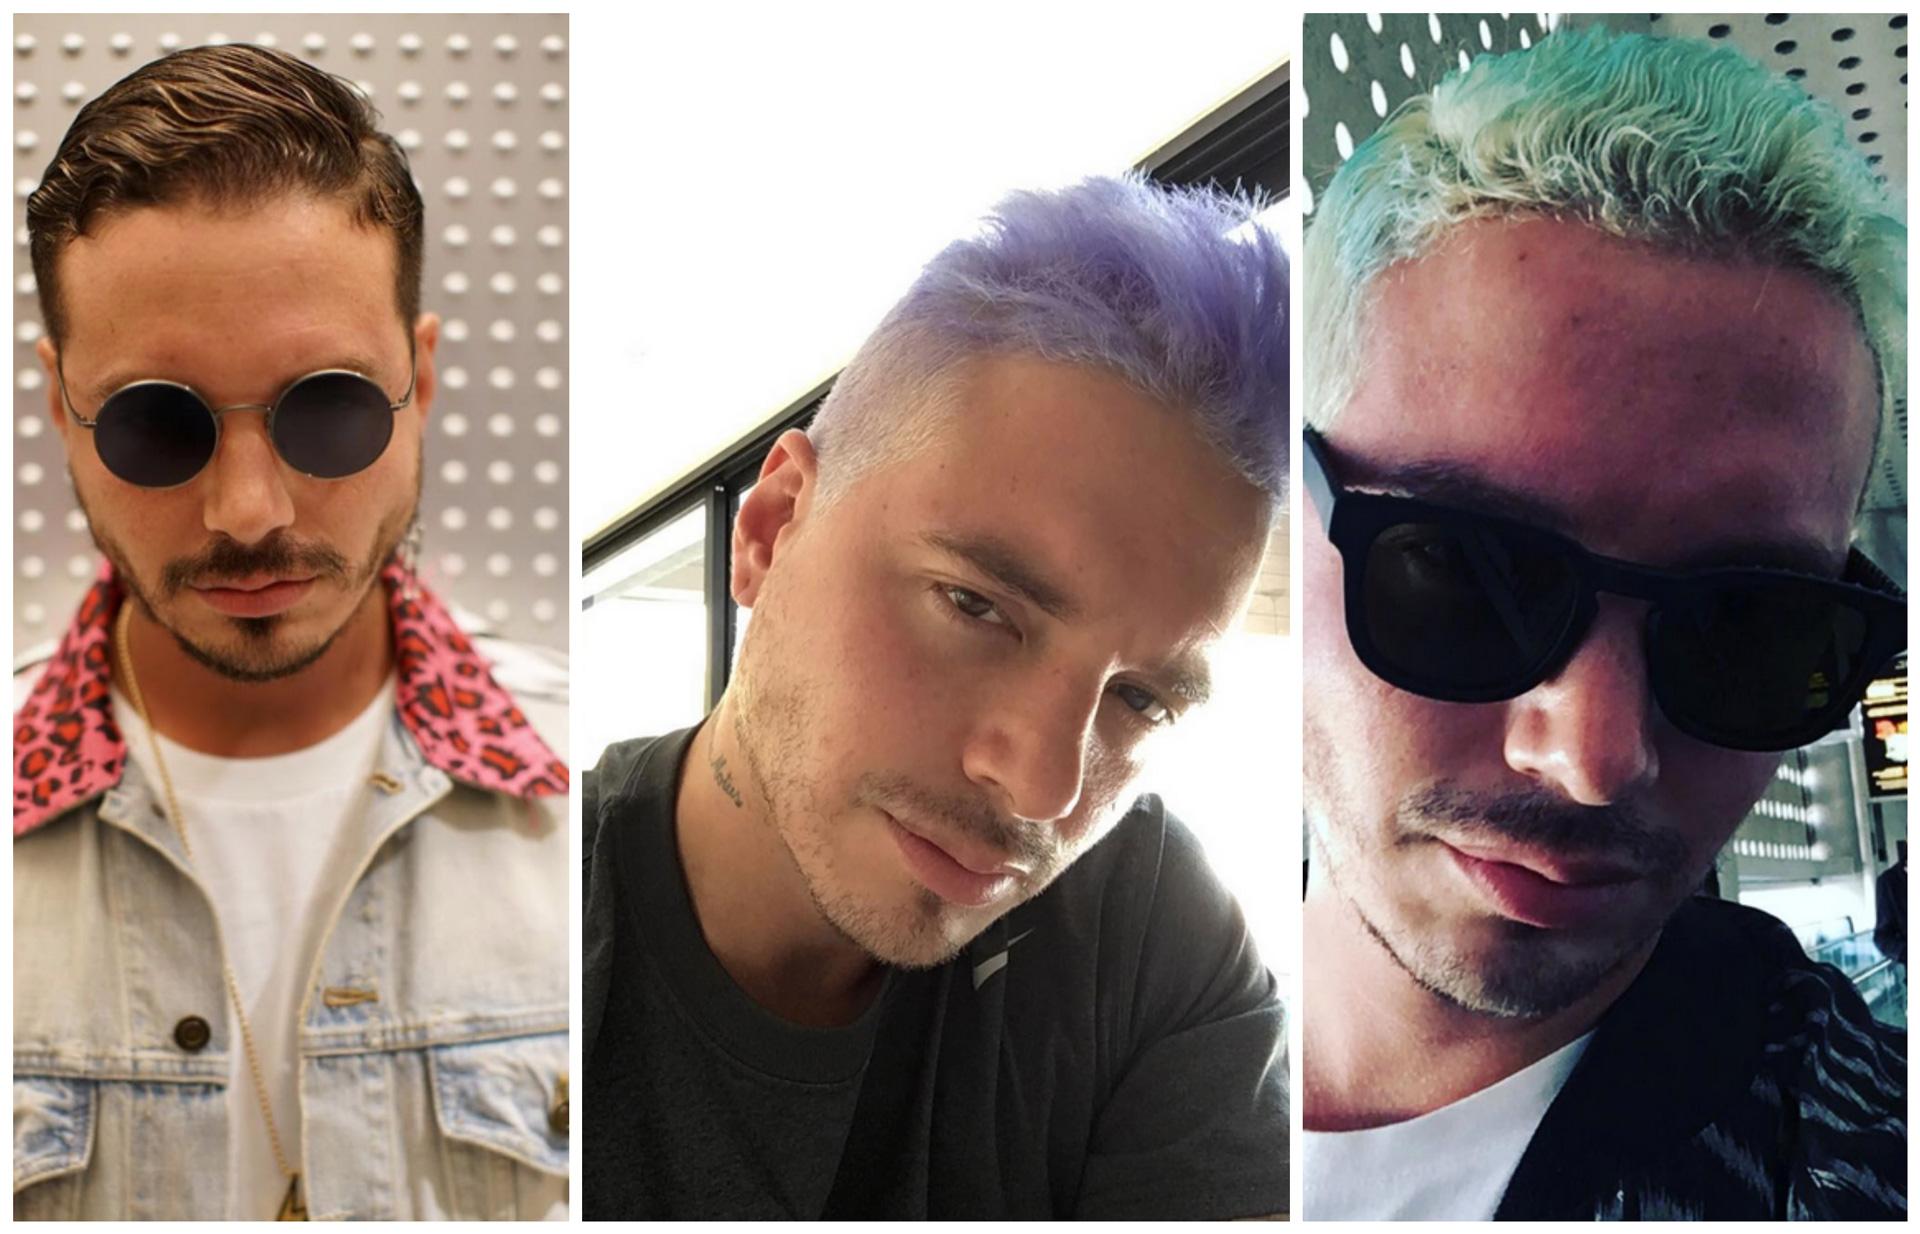 J balvin es todo un adicto a cambiarse el color de cabello for Piso 21 instagram